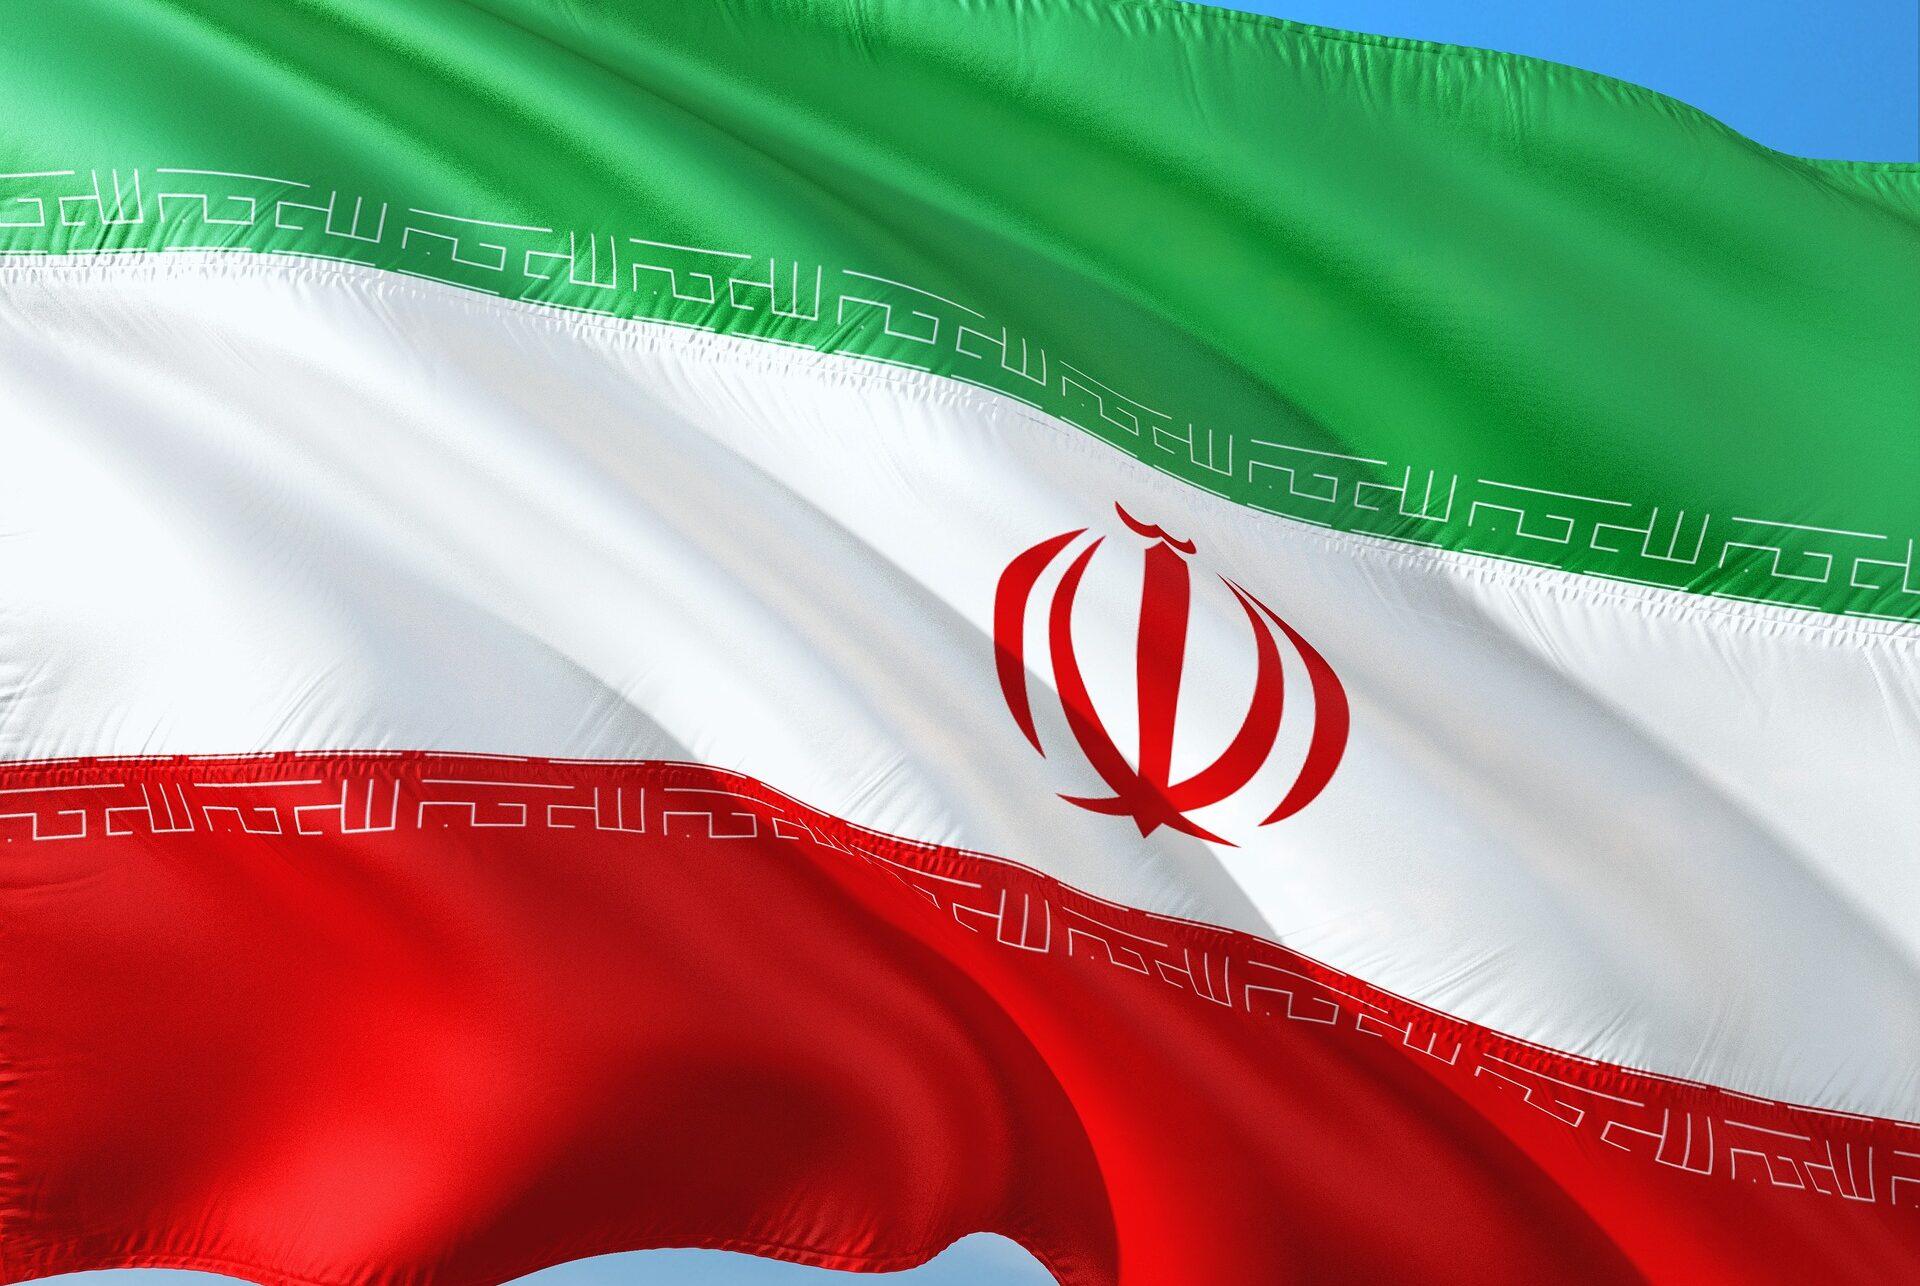 Representante del Banco Central de Irán asegura que las criptomonedas no son útiles para eludir sanciones económicas